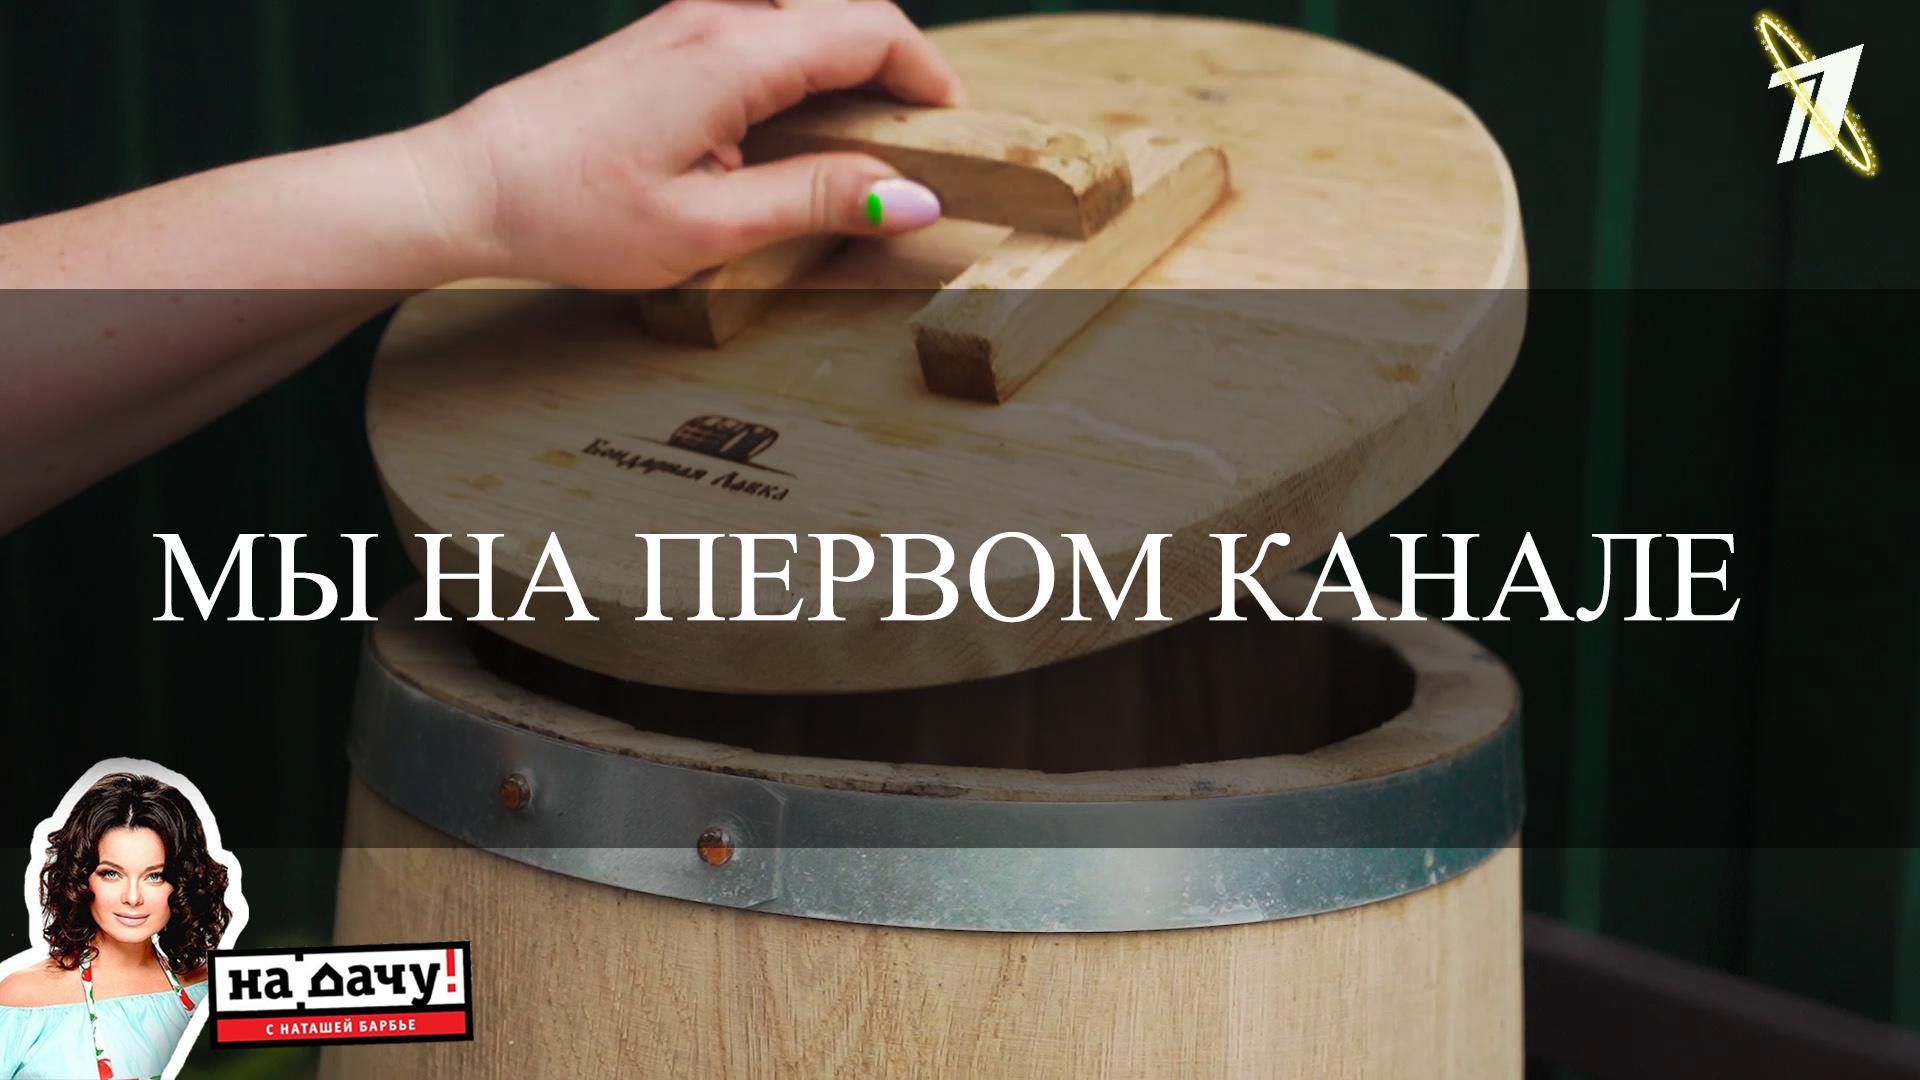 Бондарная лавка видео - Мы на Первом канале